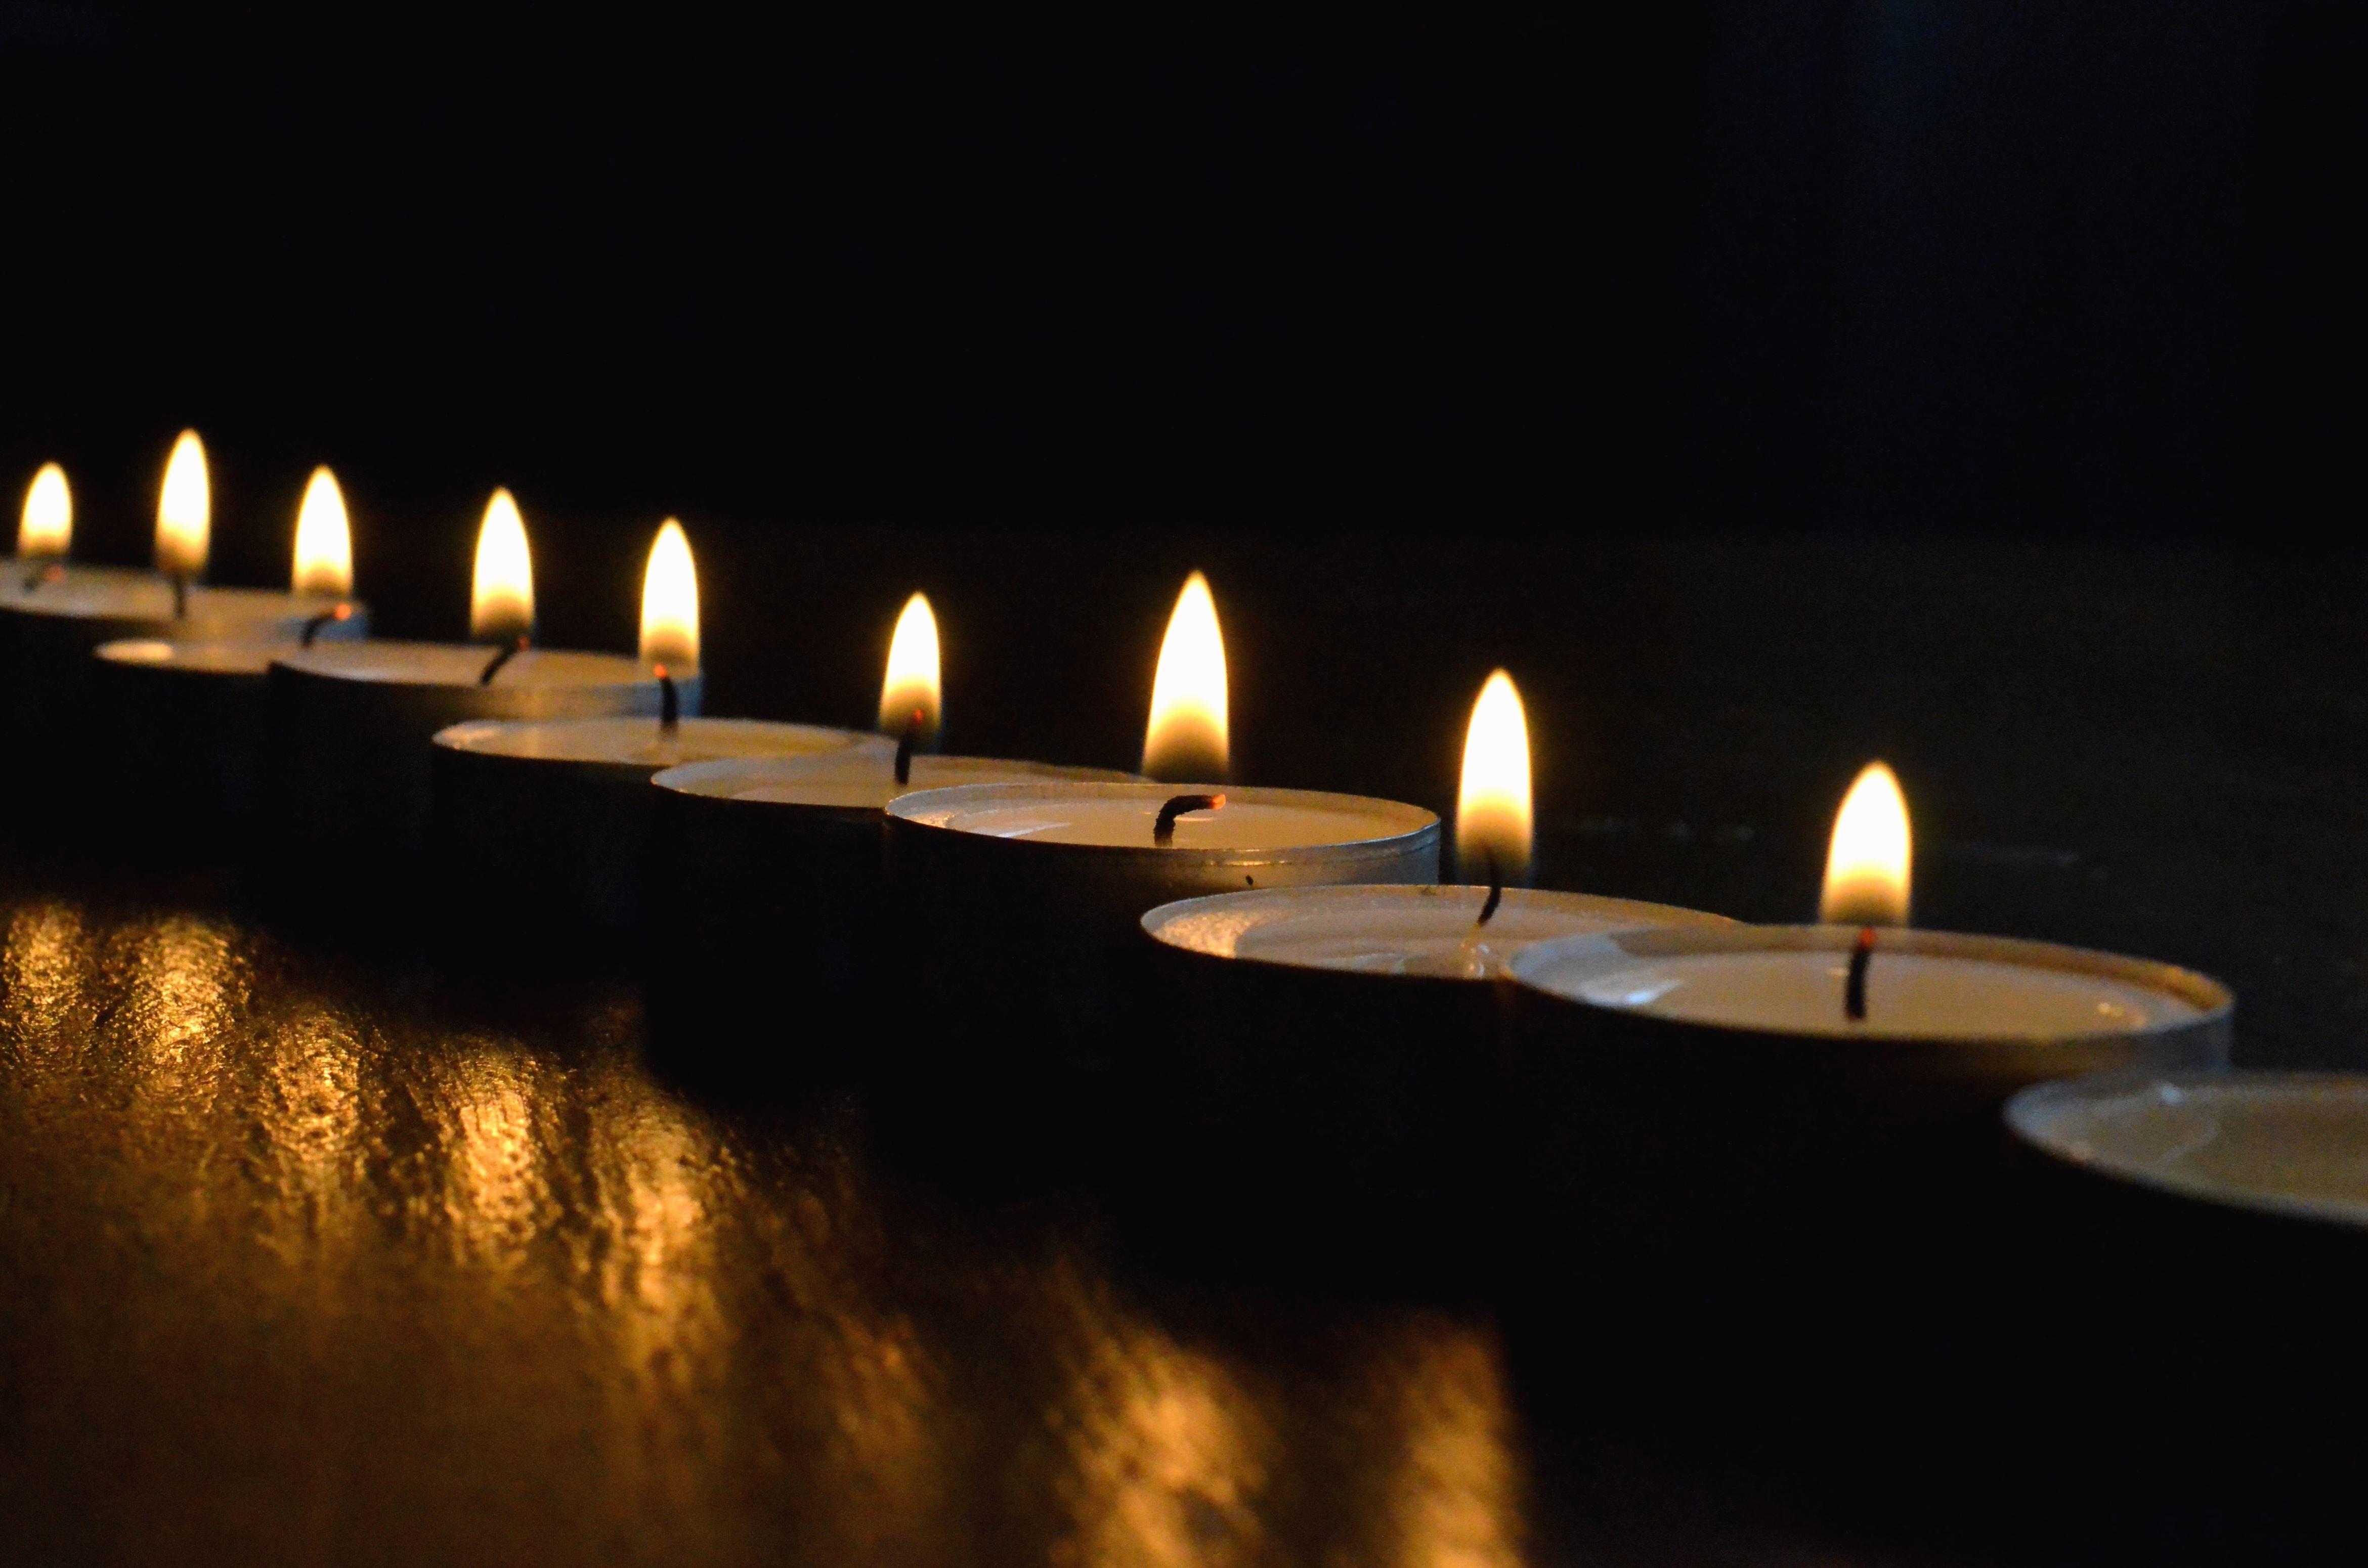 Wachs, Kerze, Flamme, Hitze, Romantik, Atmosphäre